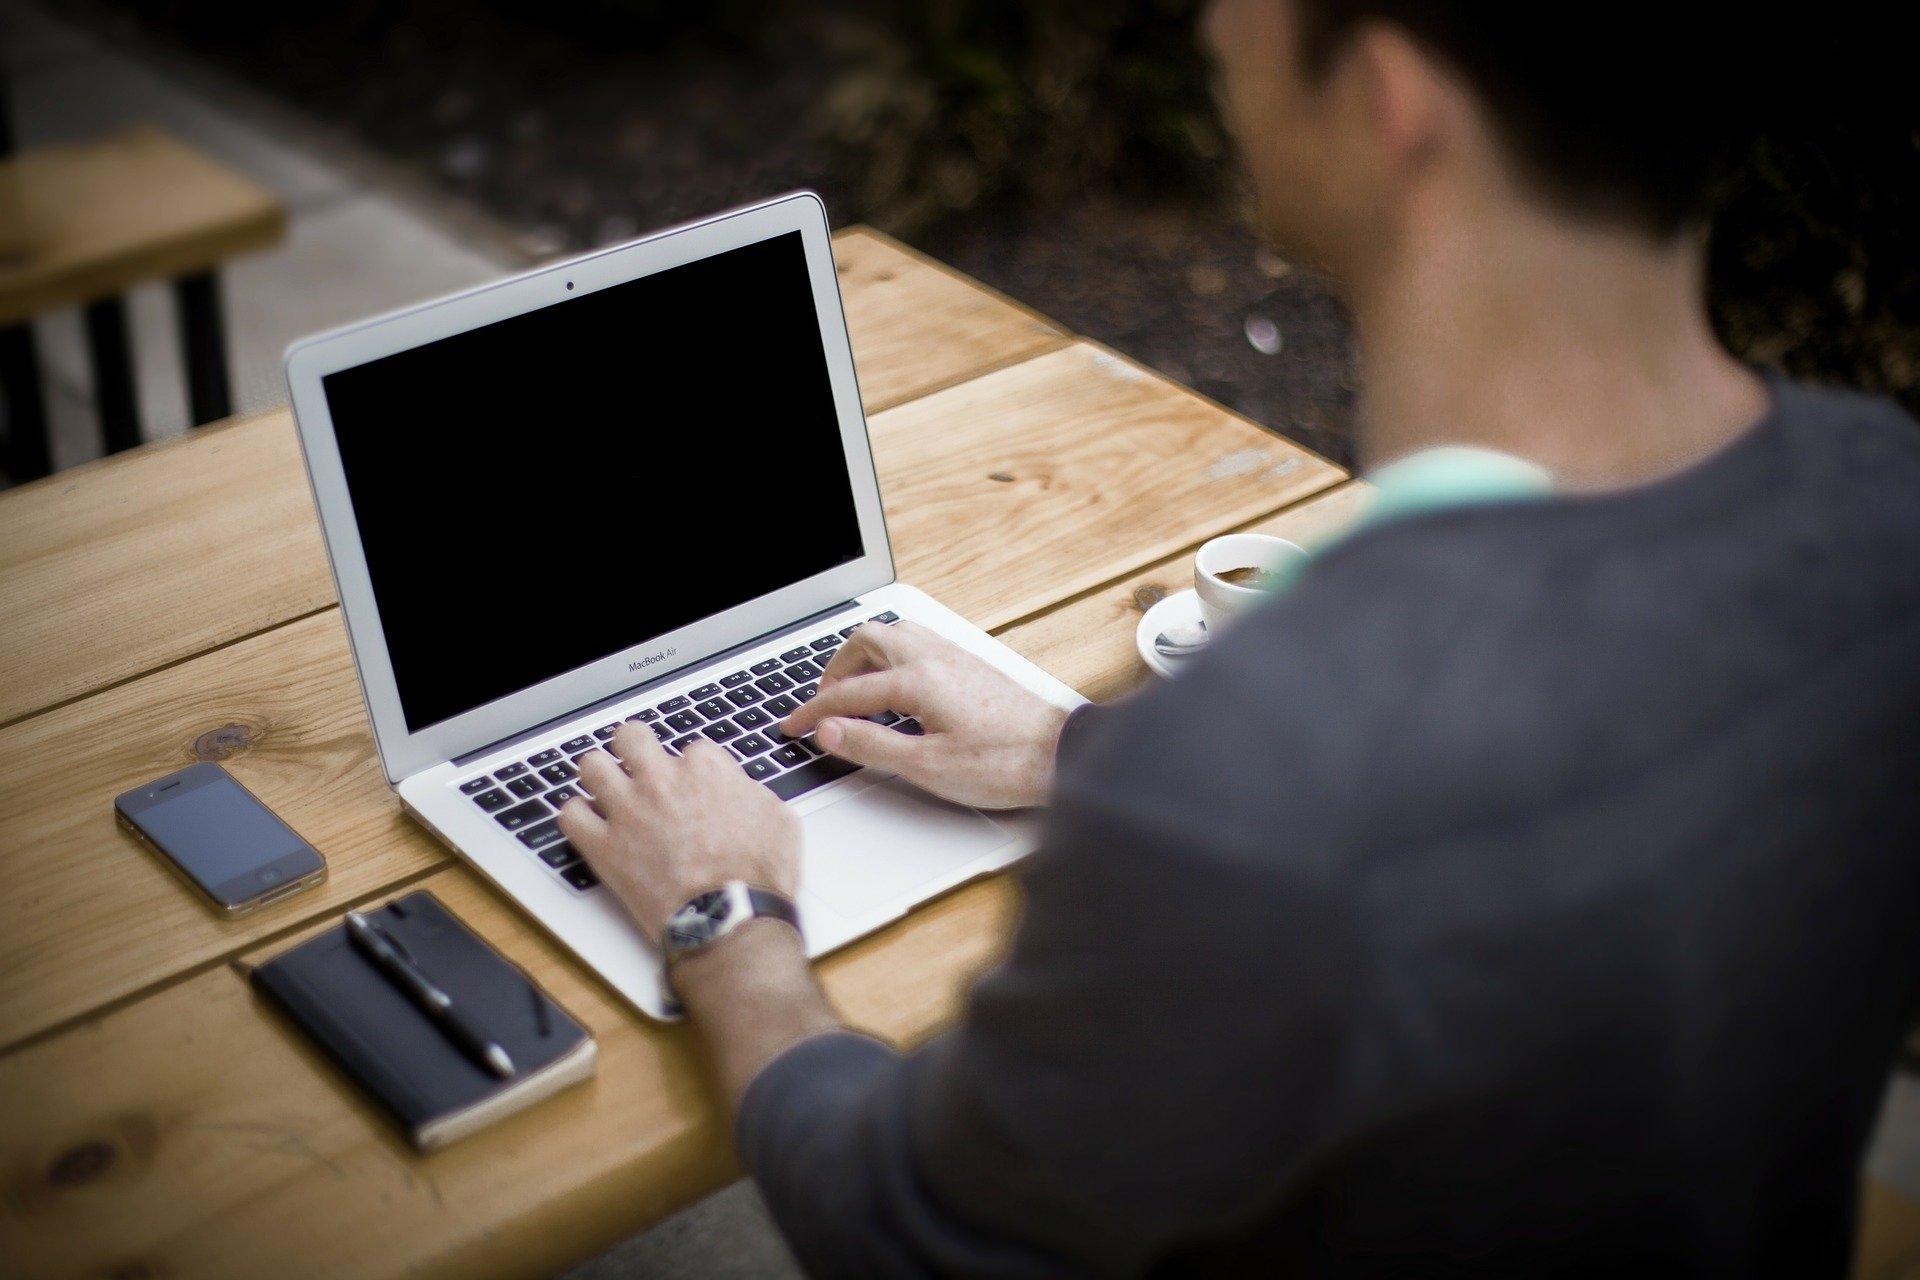 mand, arbejde, computer, blyant, papir, bog